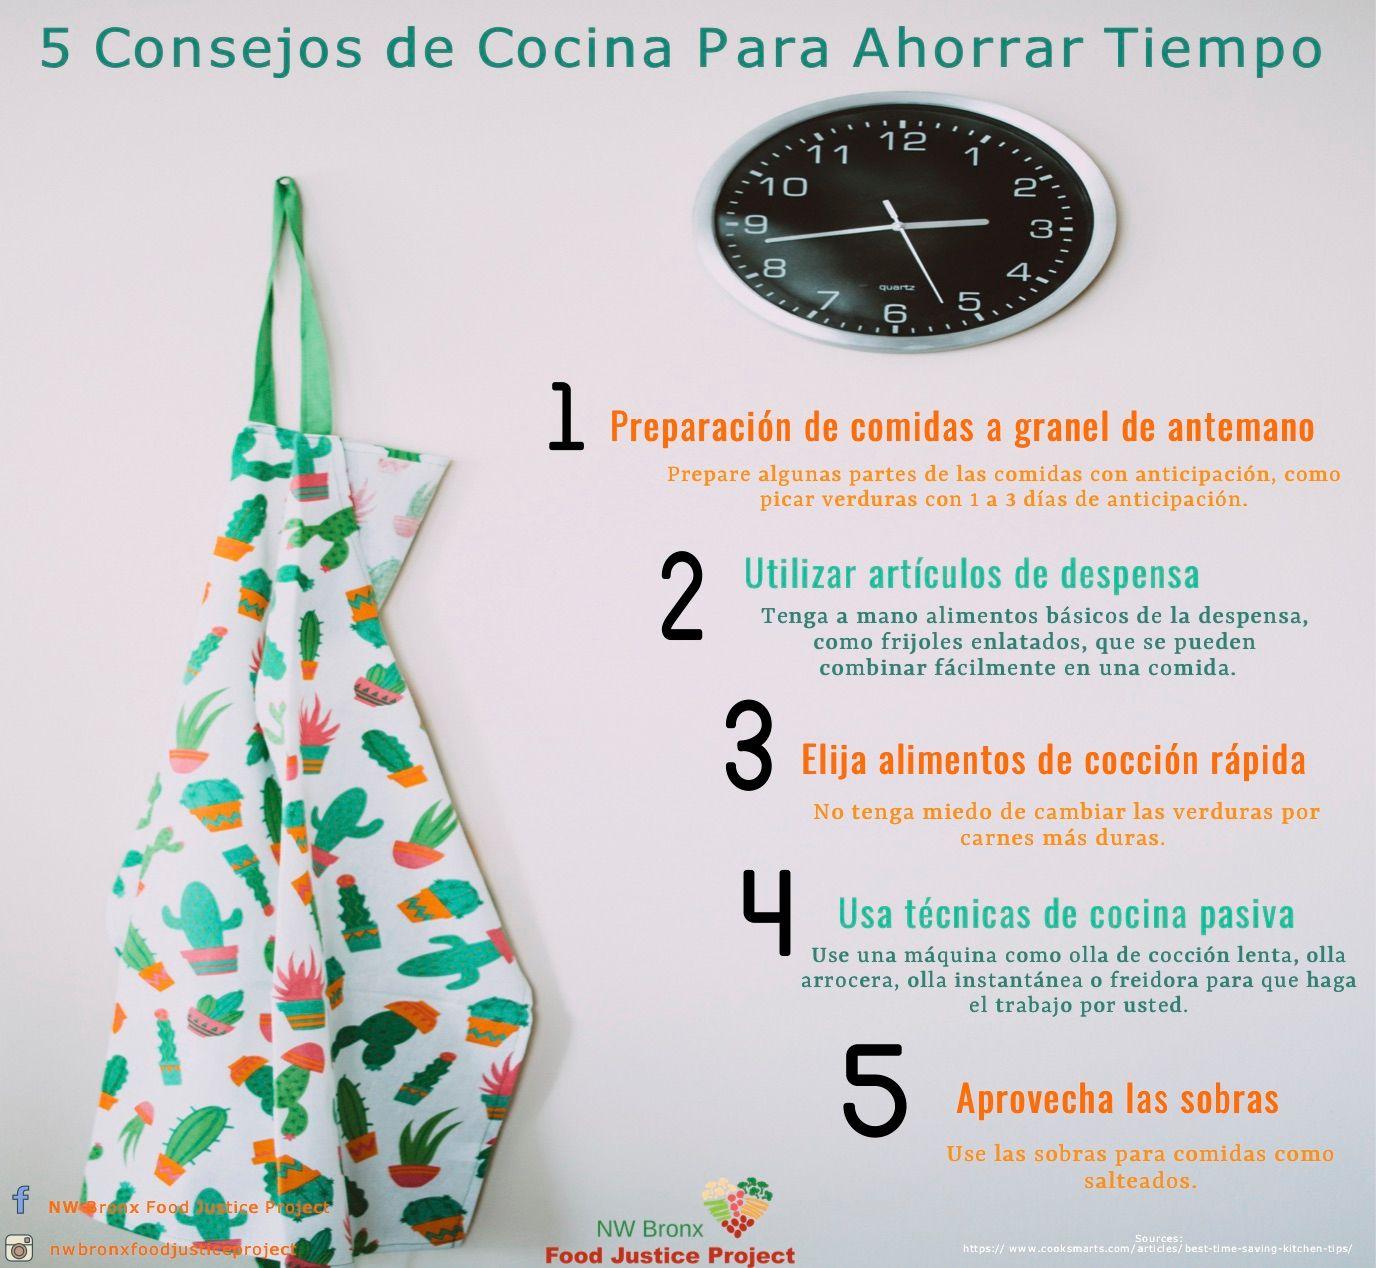 5 Consejos de Cocina Para Ahorrar Tiempo